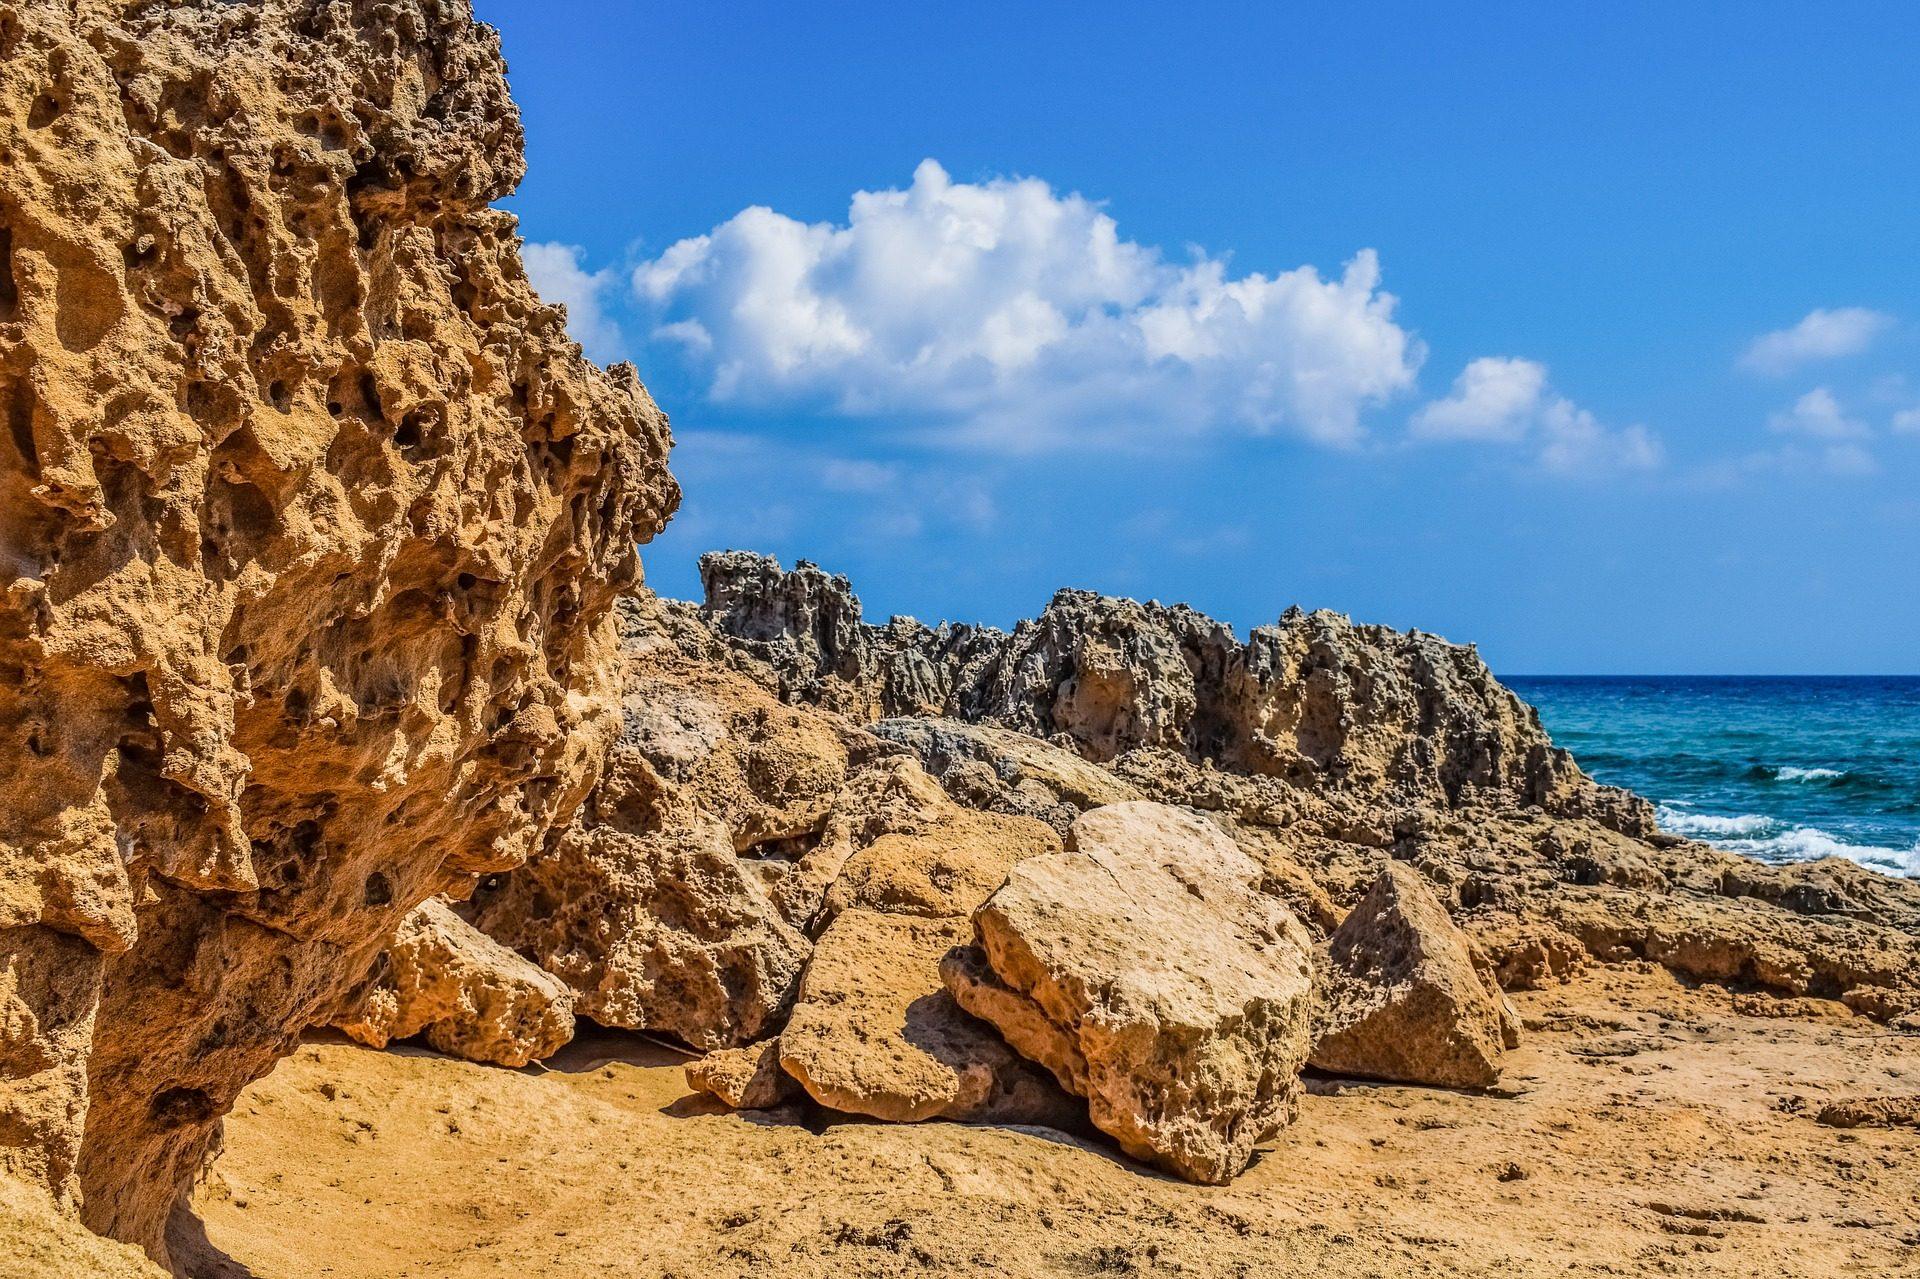 石头, 奥, 侵蚀, 培训, 海滩, 哥斯达黎加 - 高清壁纸 - 教授-falken.com